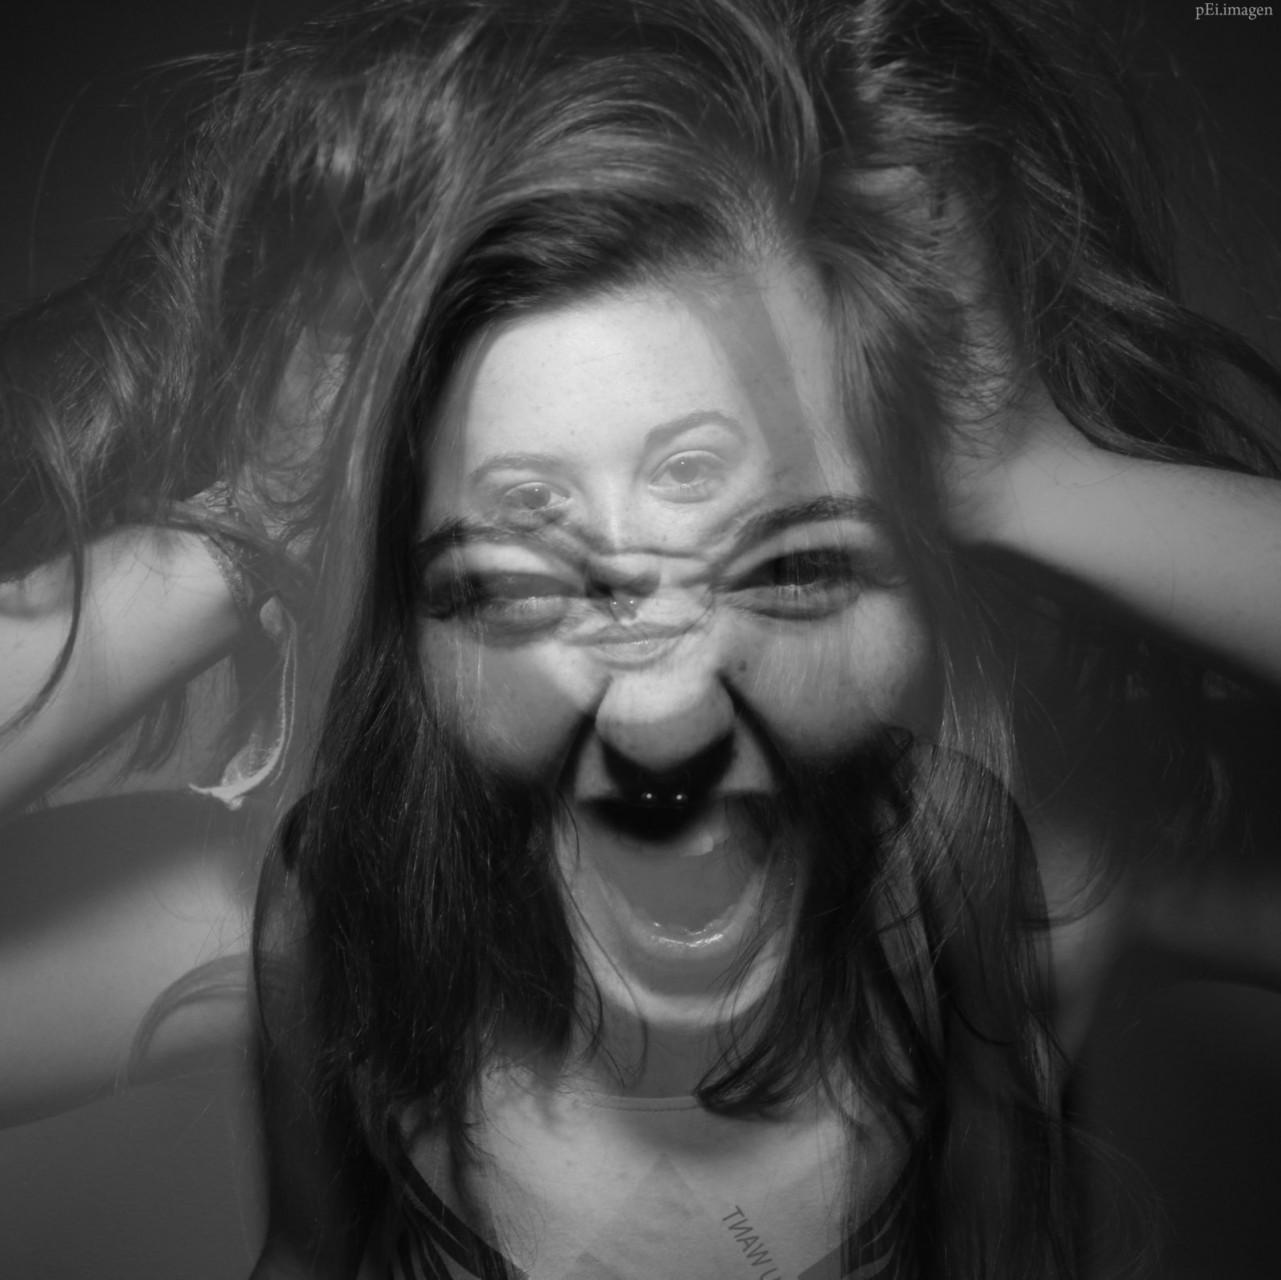 peipegata me myself I proyectos fotografia peipegatafotografia # 028 Yaiza Perlitchke Gonzalez